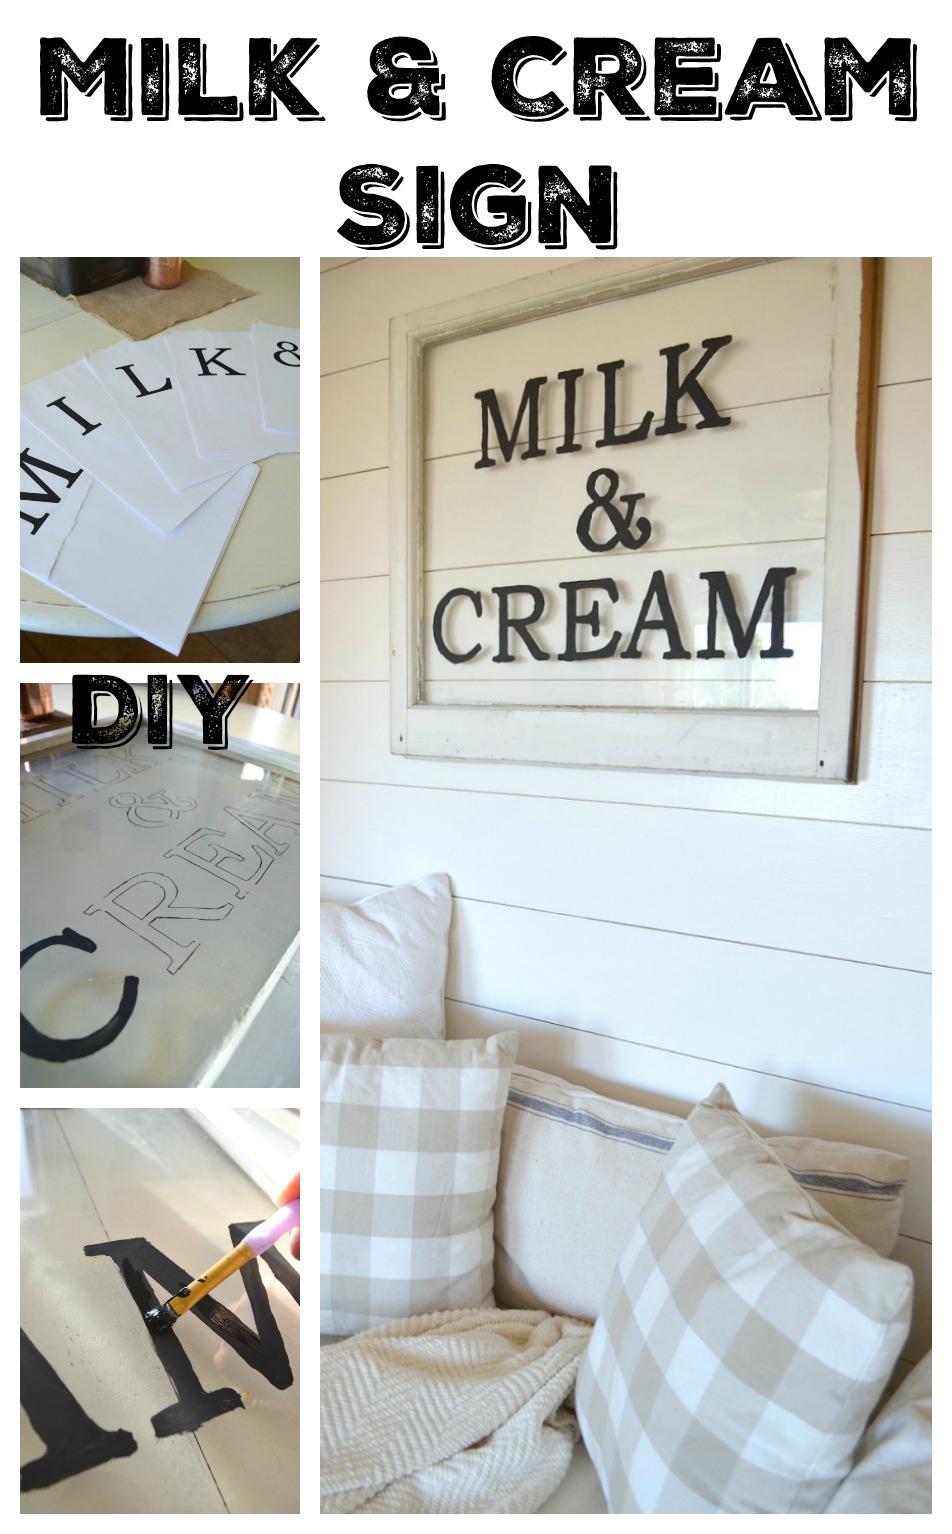 DIY Milk and Cream Sign Tutorial